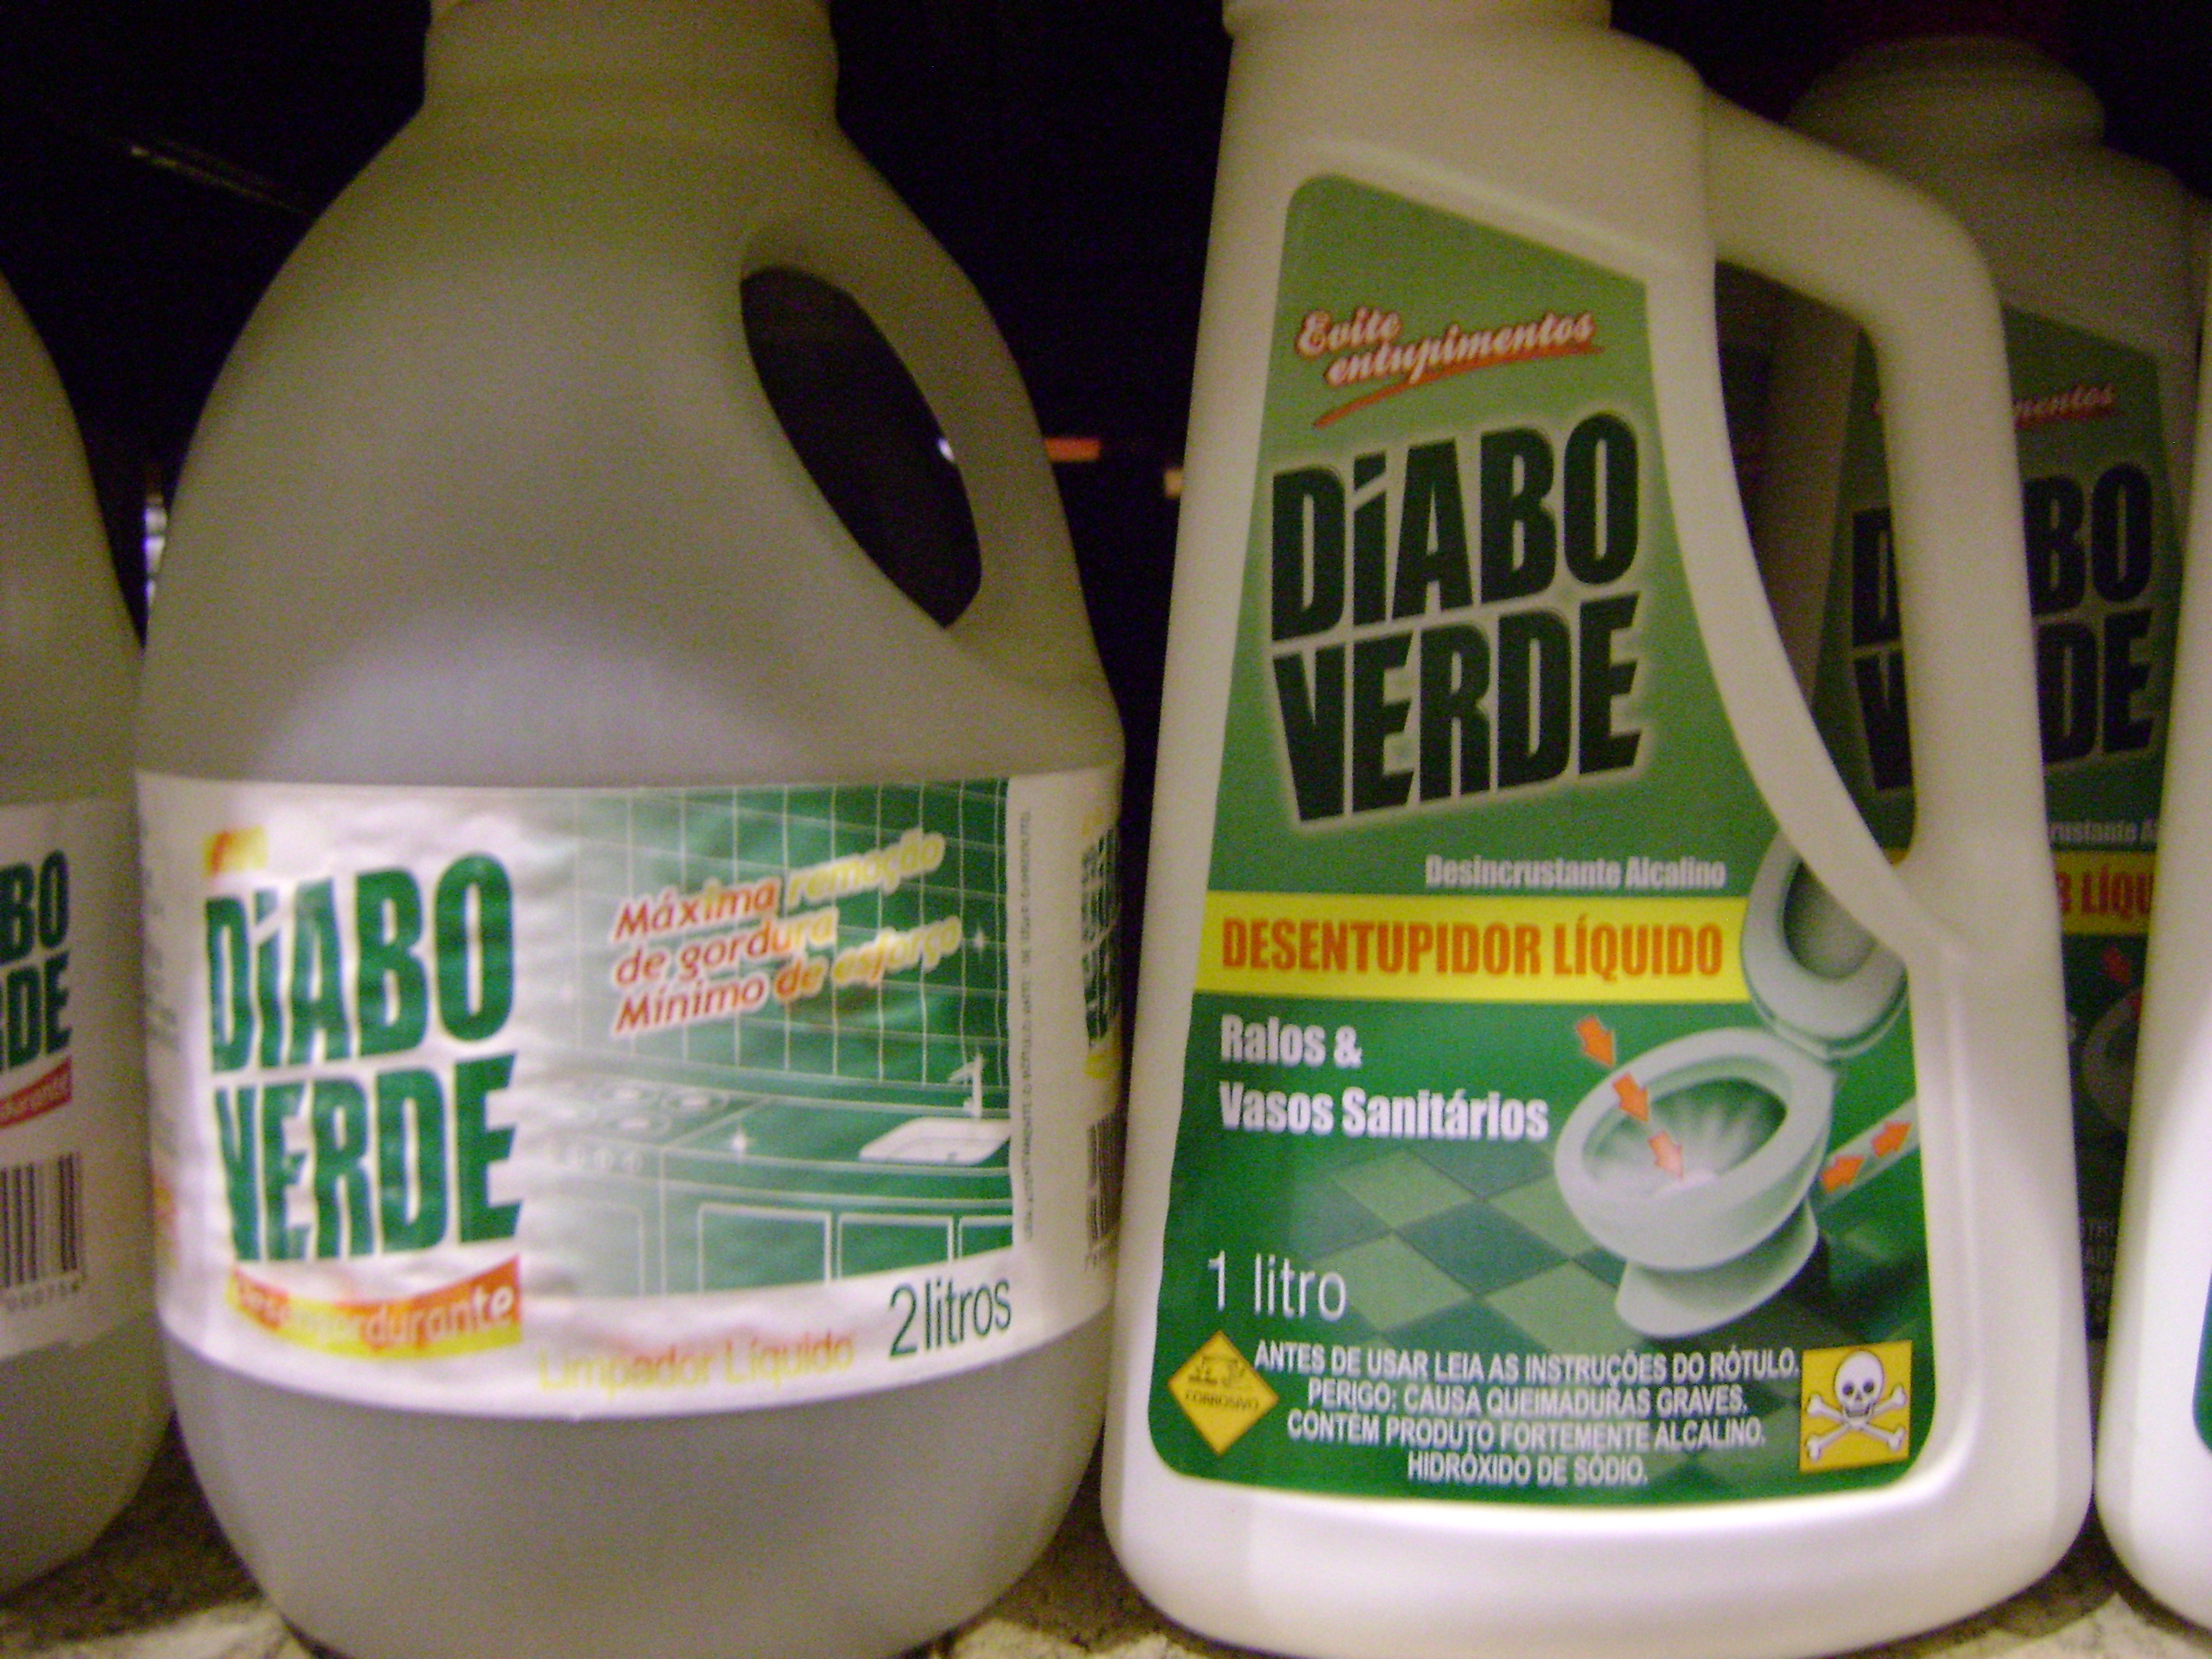 desintupidor de pia liquido diabo verde-DSC07778-Foto Acigol Recife 81 34451782